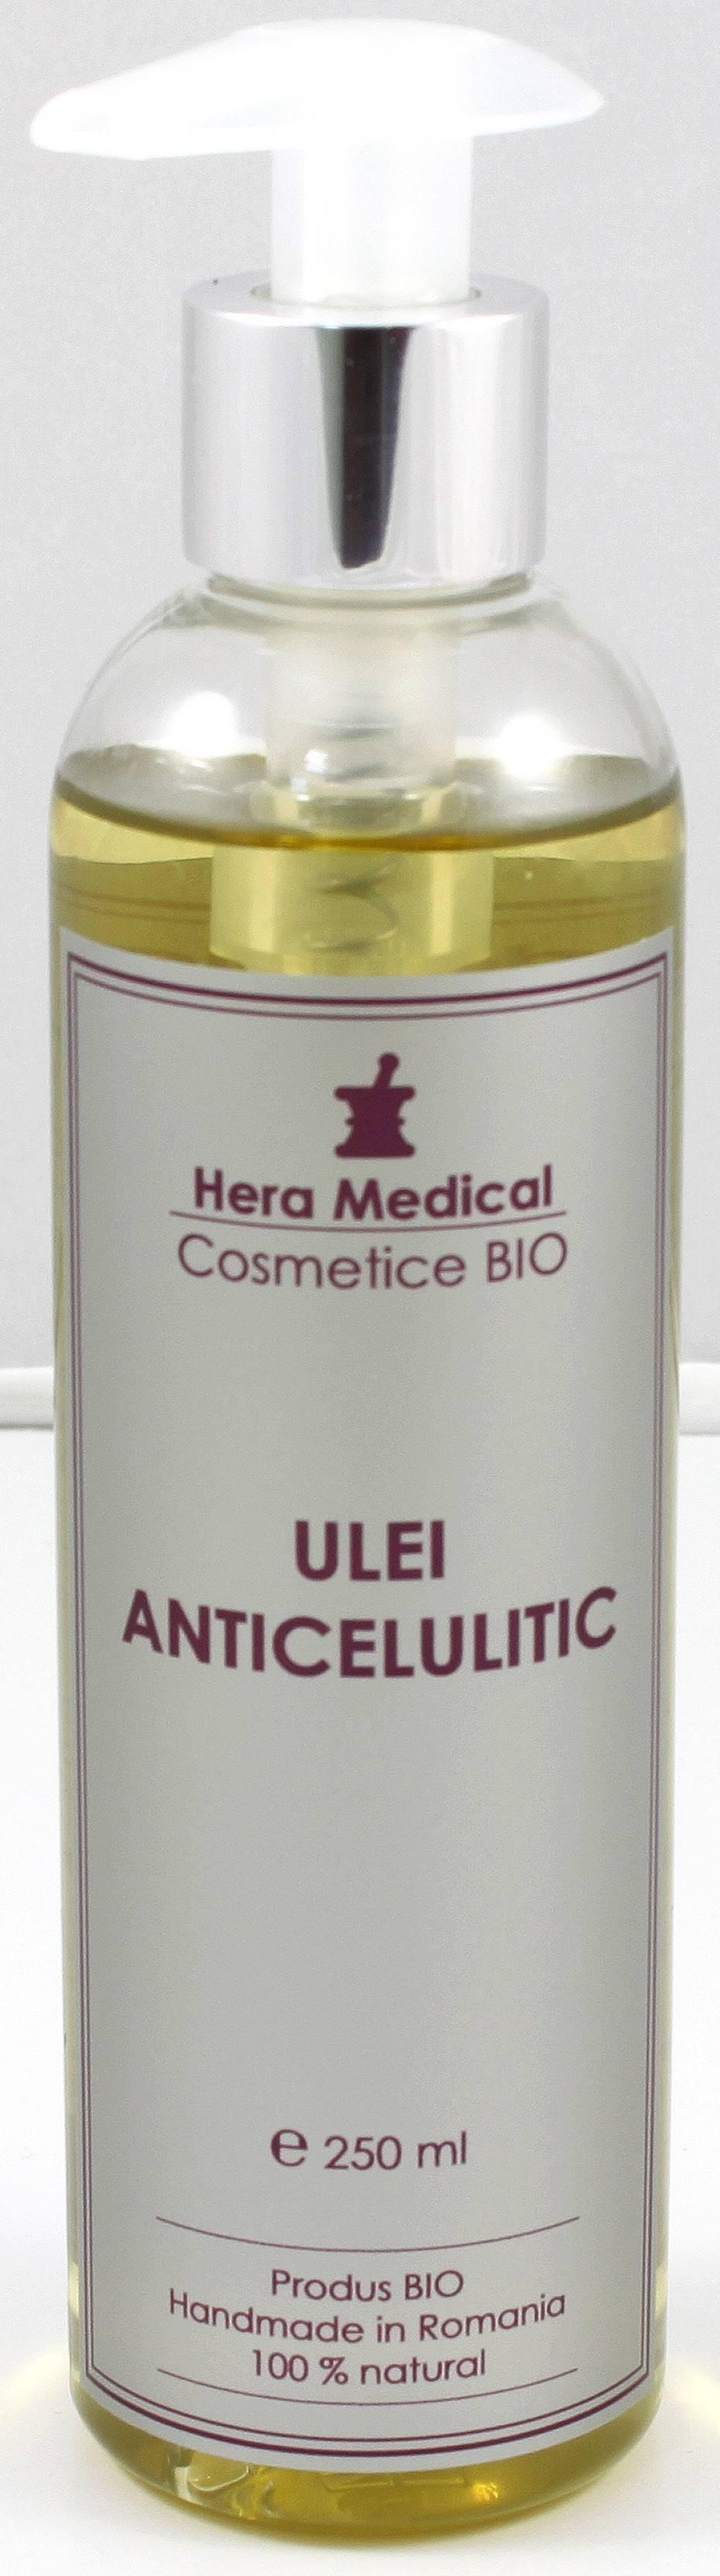 ulei anticelulita 250 ml